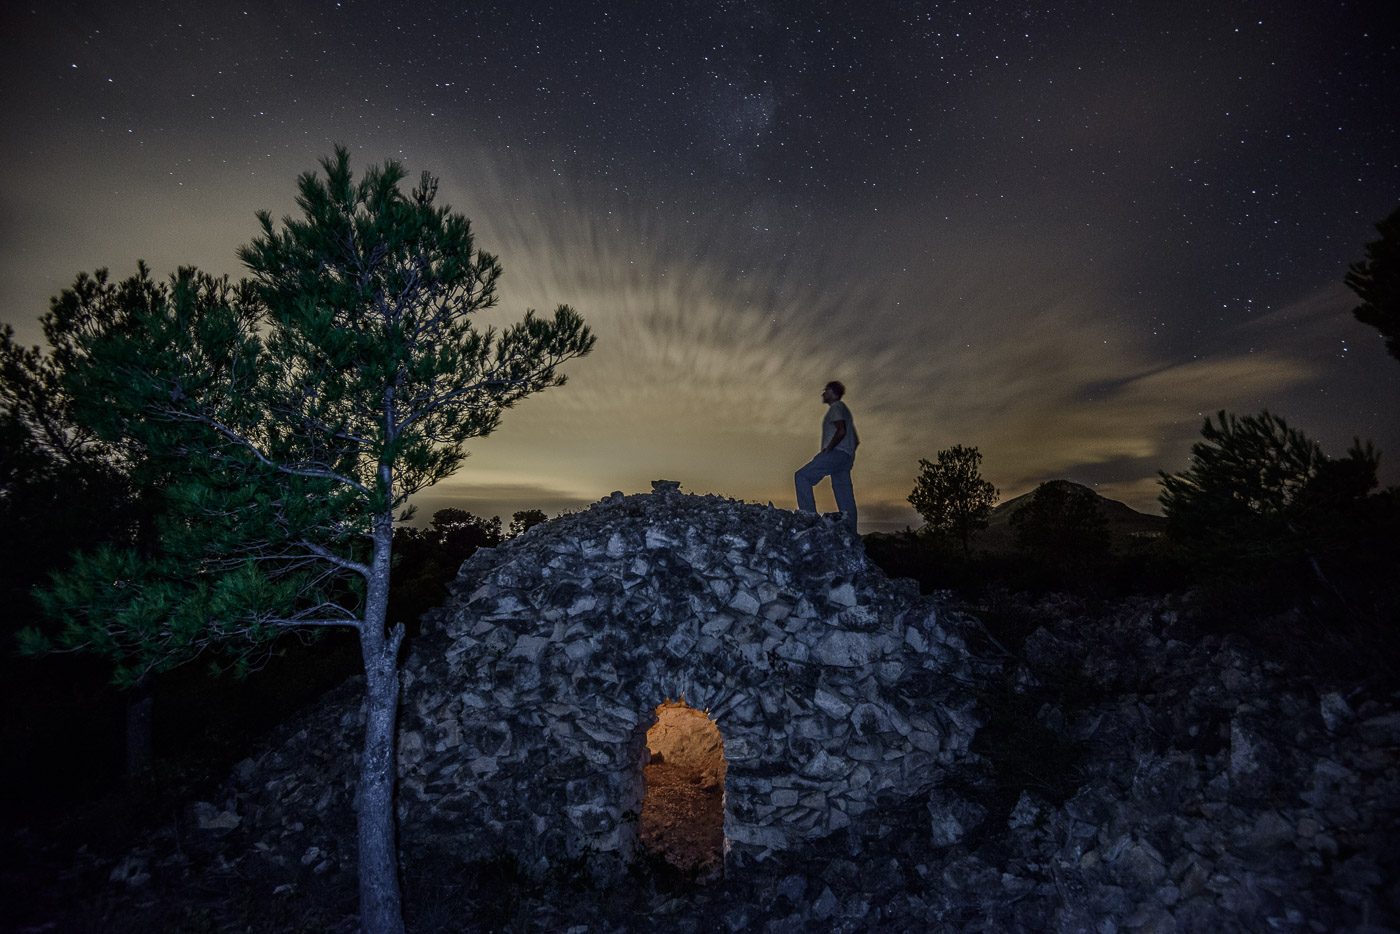 Autorretrato estrellado. Montroig del Camp - Luces en la noche - Luces en la Noche. Roberto Bueno. Fotografía de Naturaleza y viajes